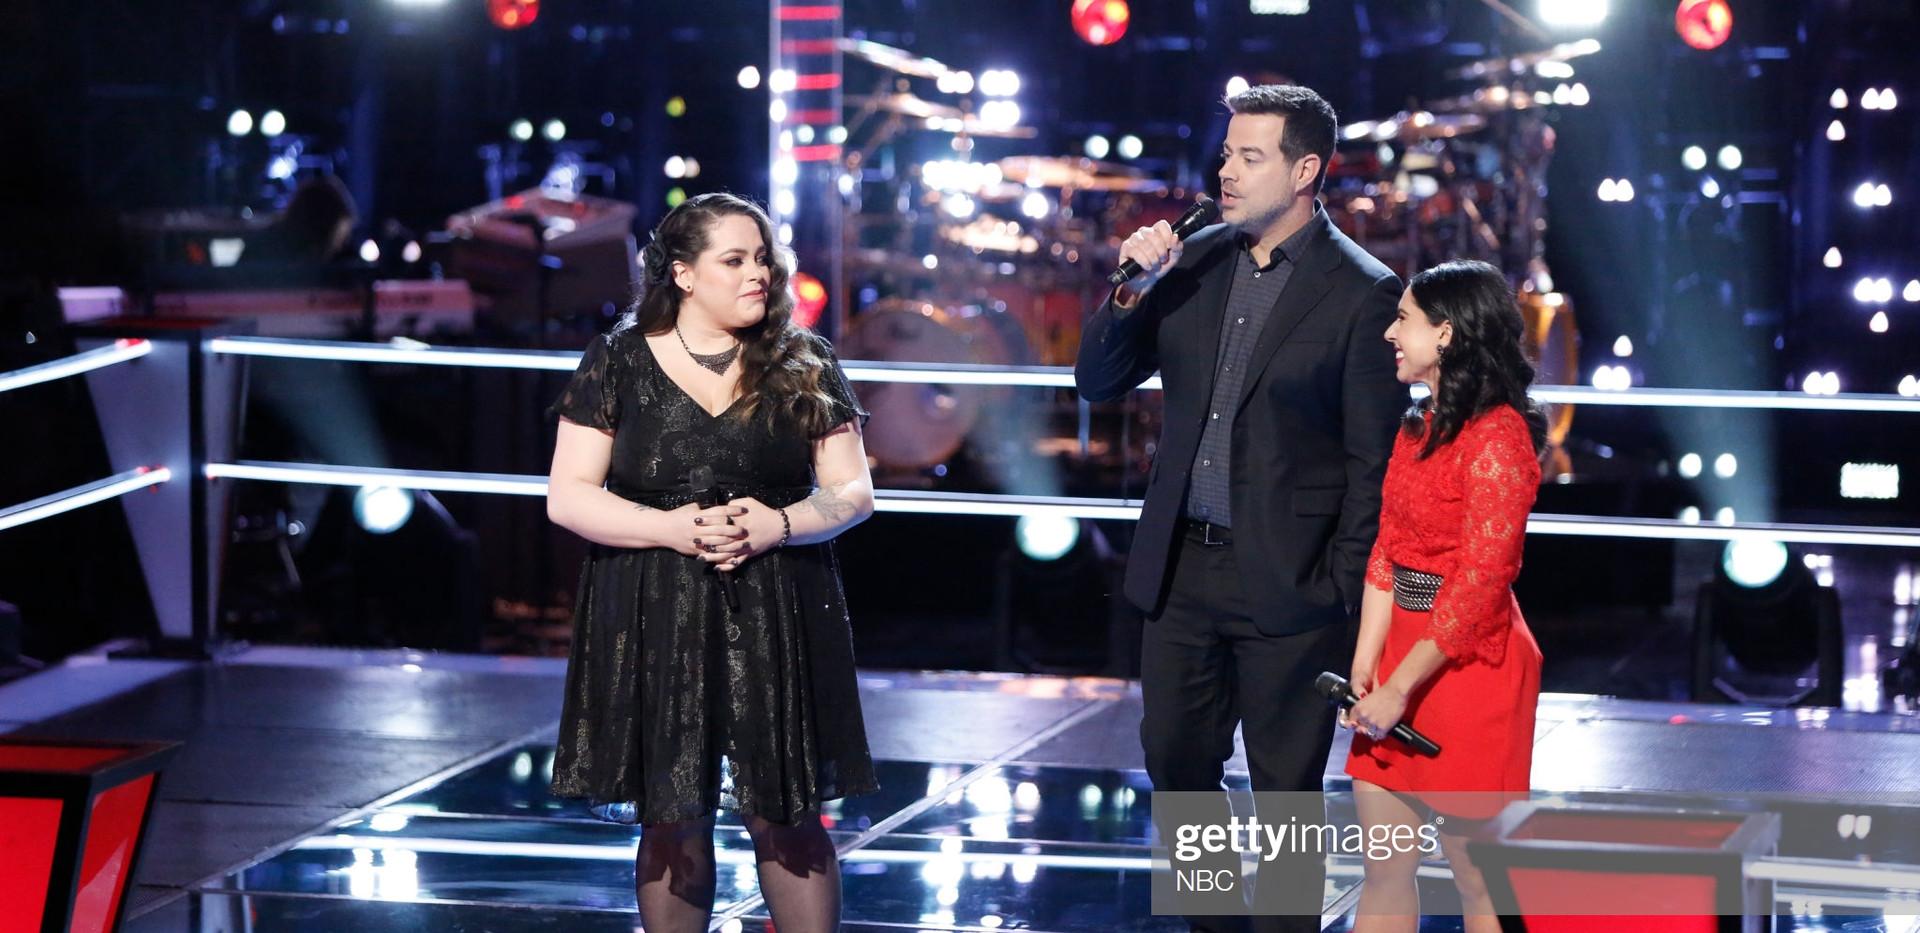 Valerie Ponzio The Voice Battle w/ Carson Daly